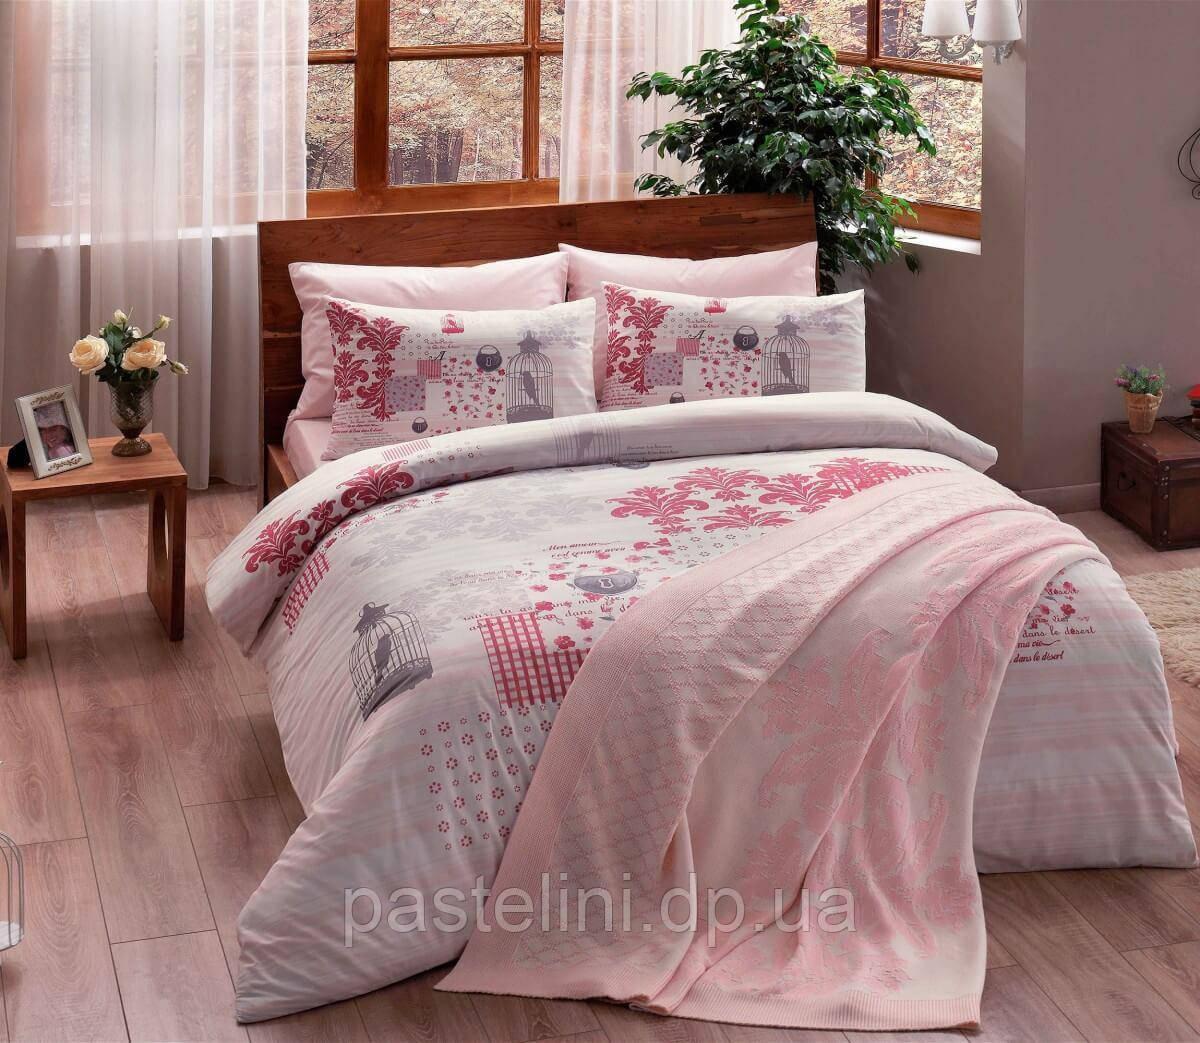 TAC евро постель Armina pembe  + покрывало вязанное